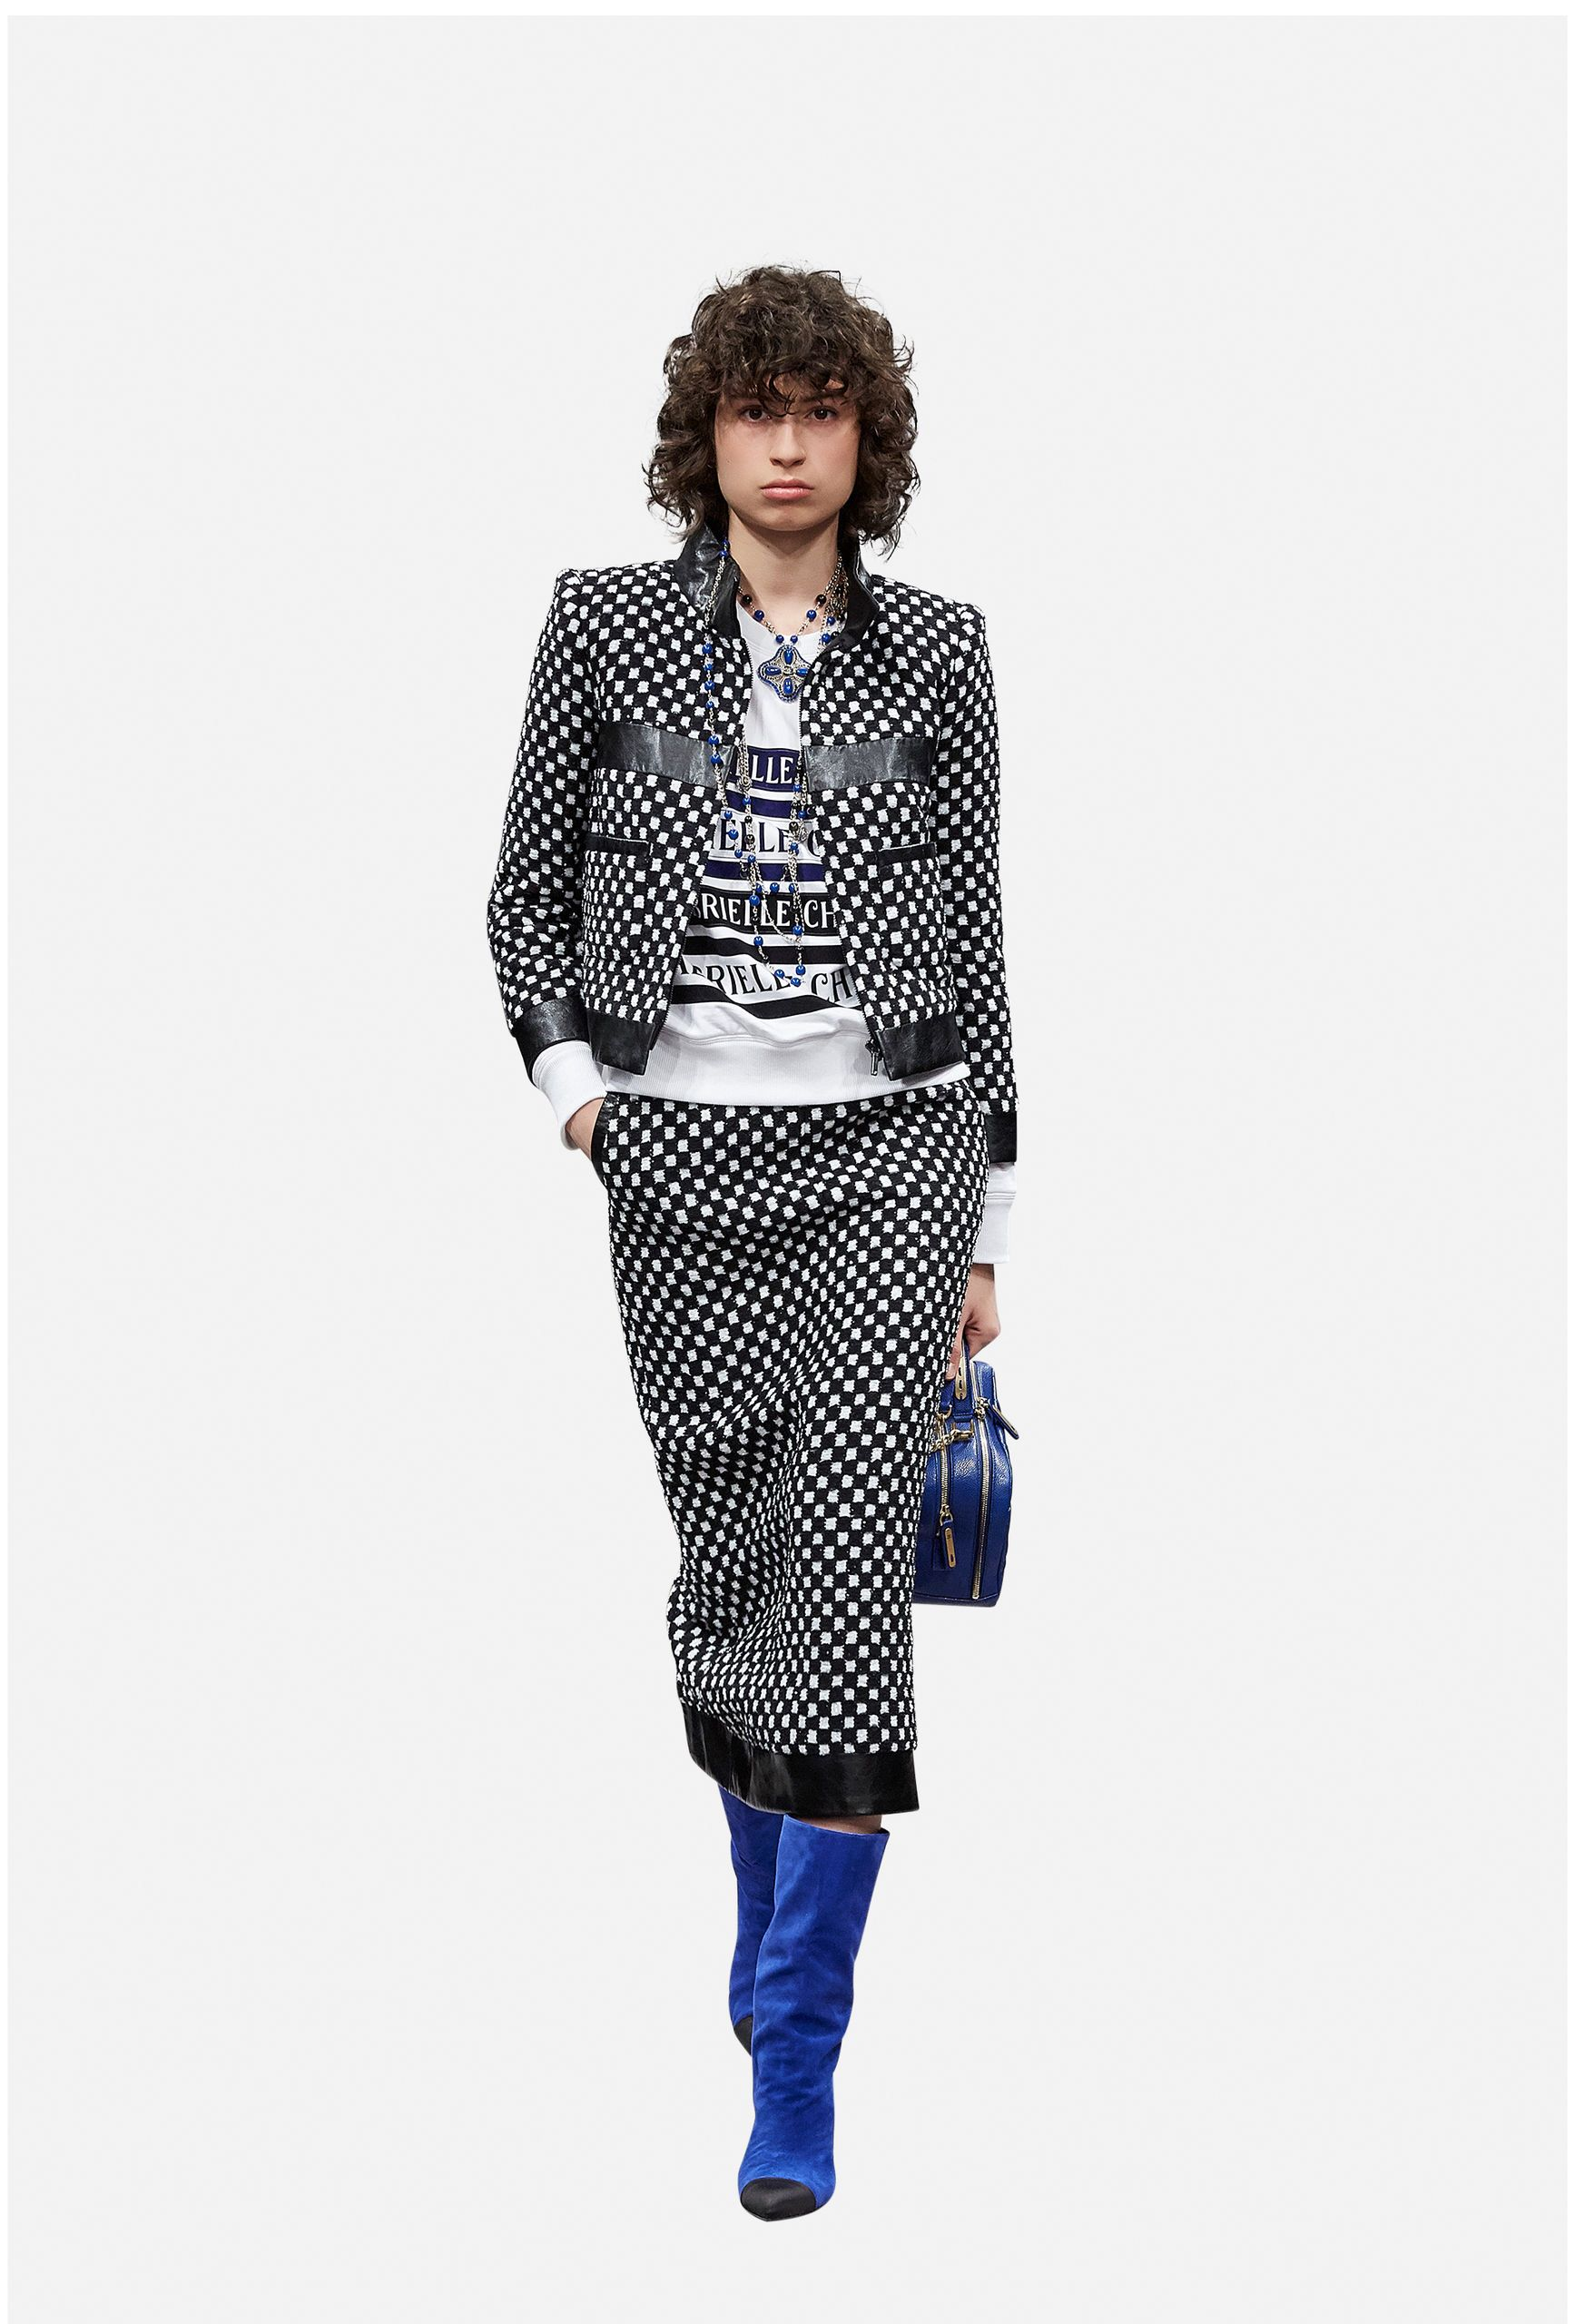 b1d325327d10 Chanel RTW pré-collection FW 2017-18  Chanel  ChanelPrecollection   FalWinter2017-18   Visit espritdegabrielle.com L héritage de Coco Chanel    ...